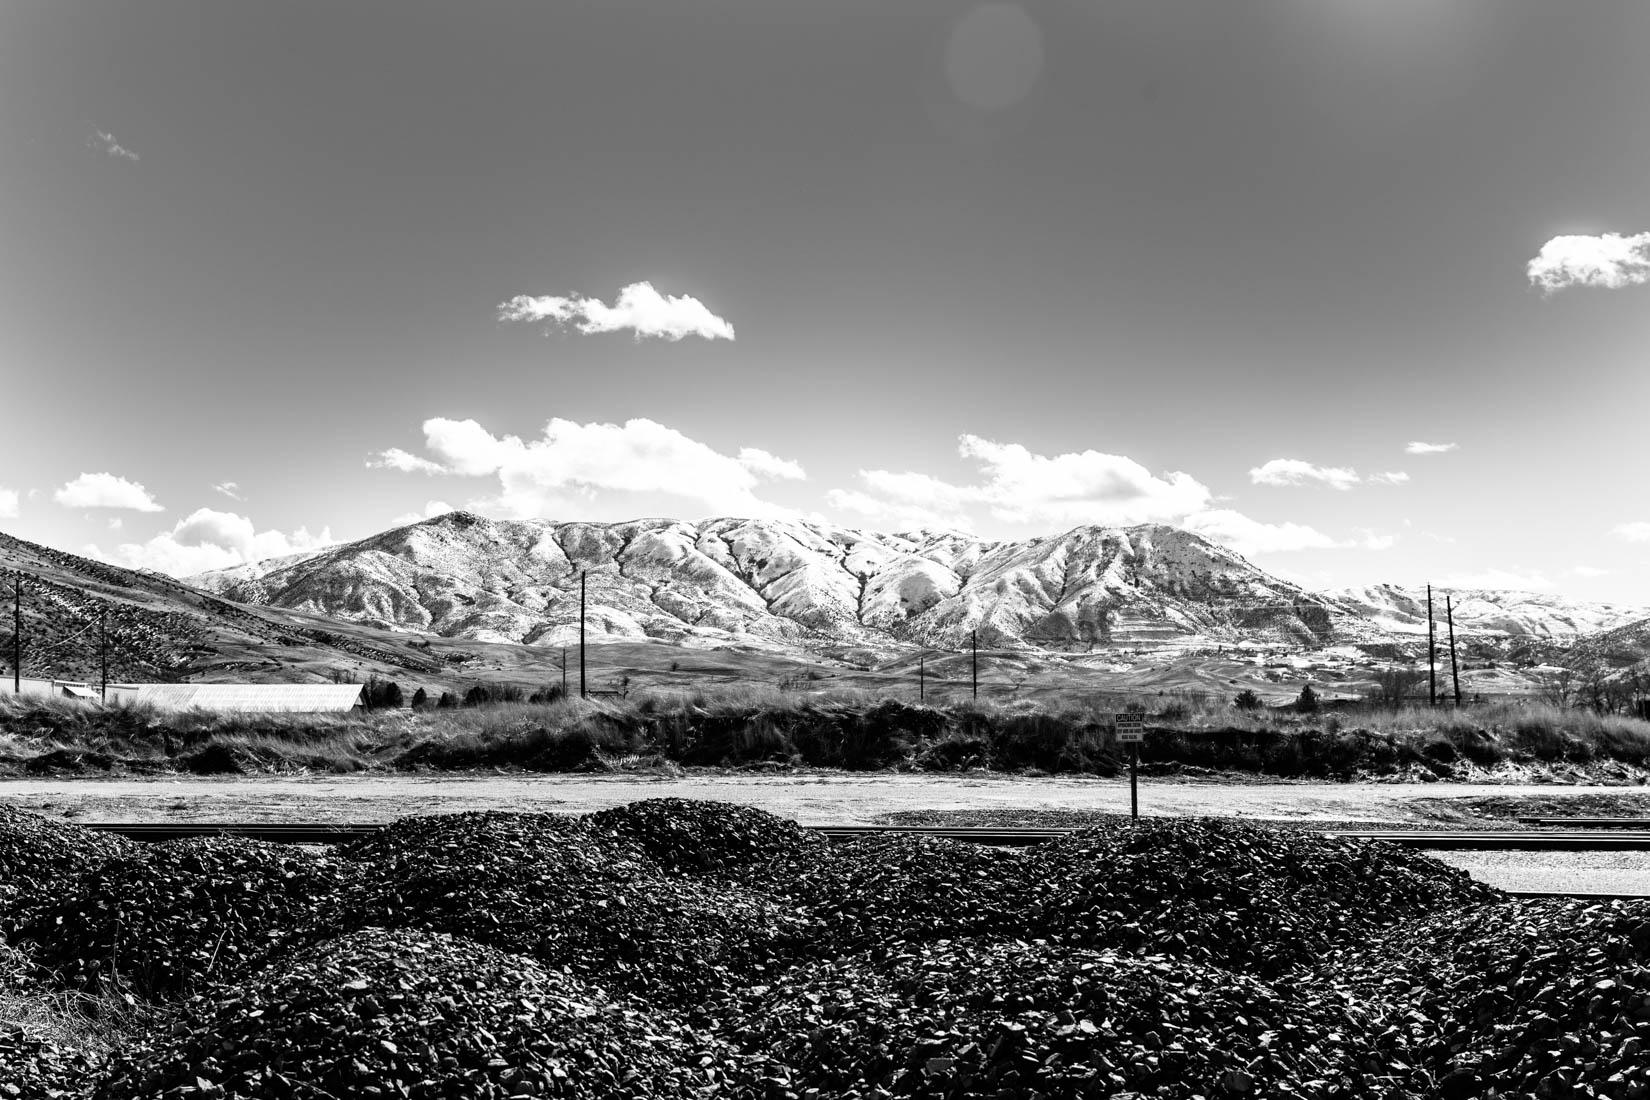 Idaho hills and prairies of Emmett and Horseshoe Bend